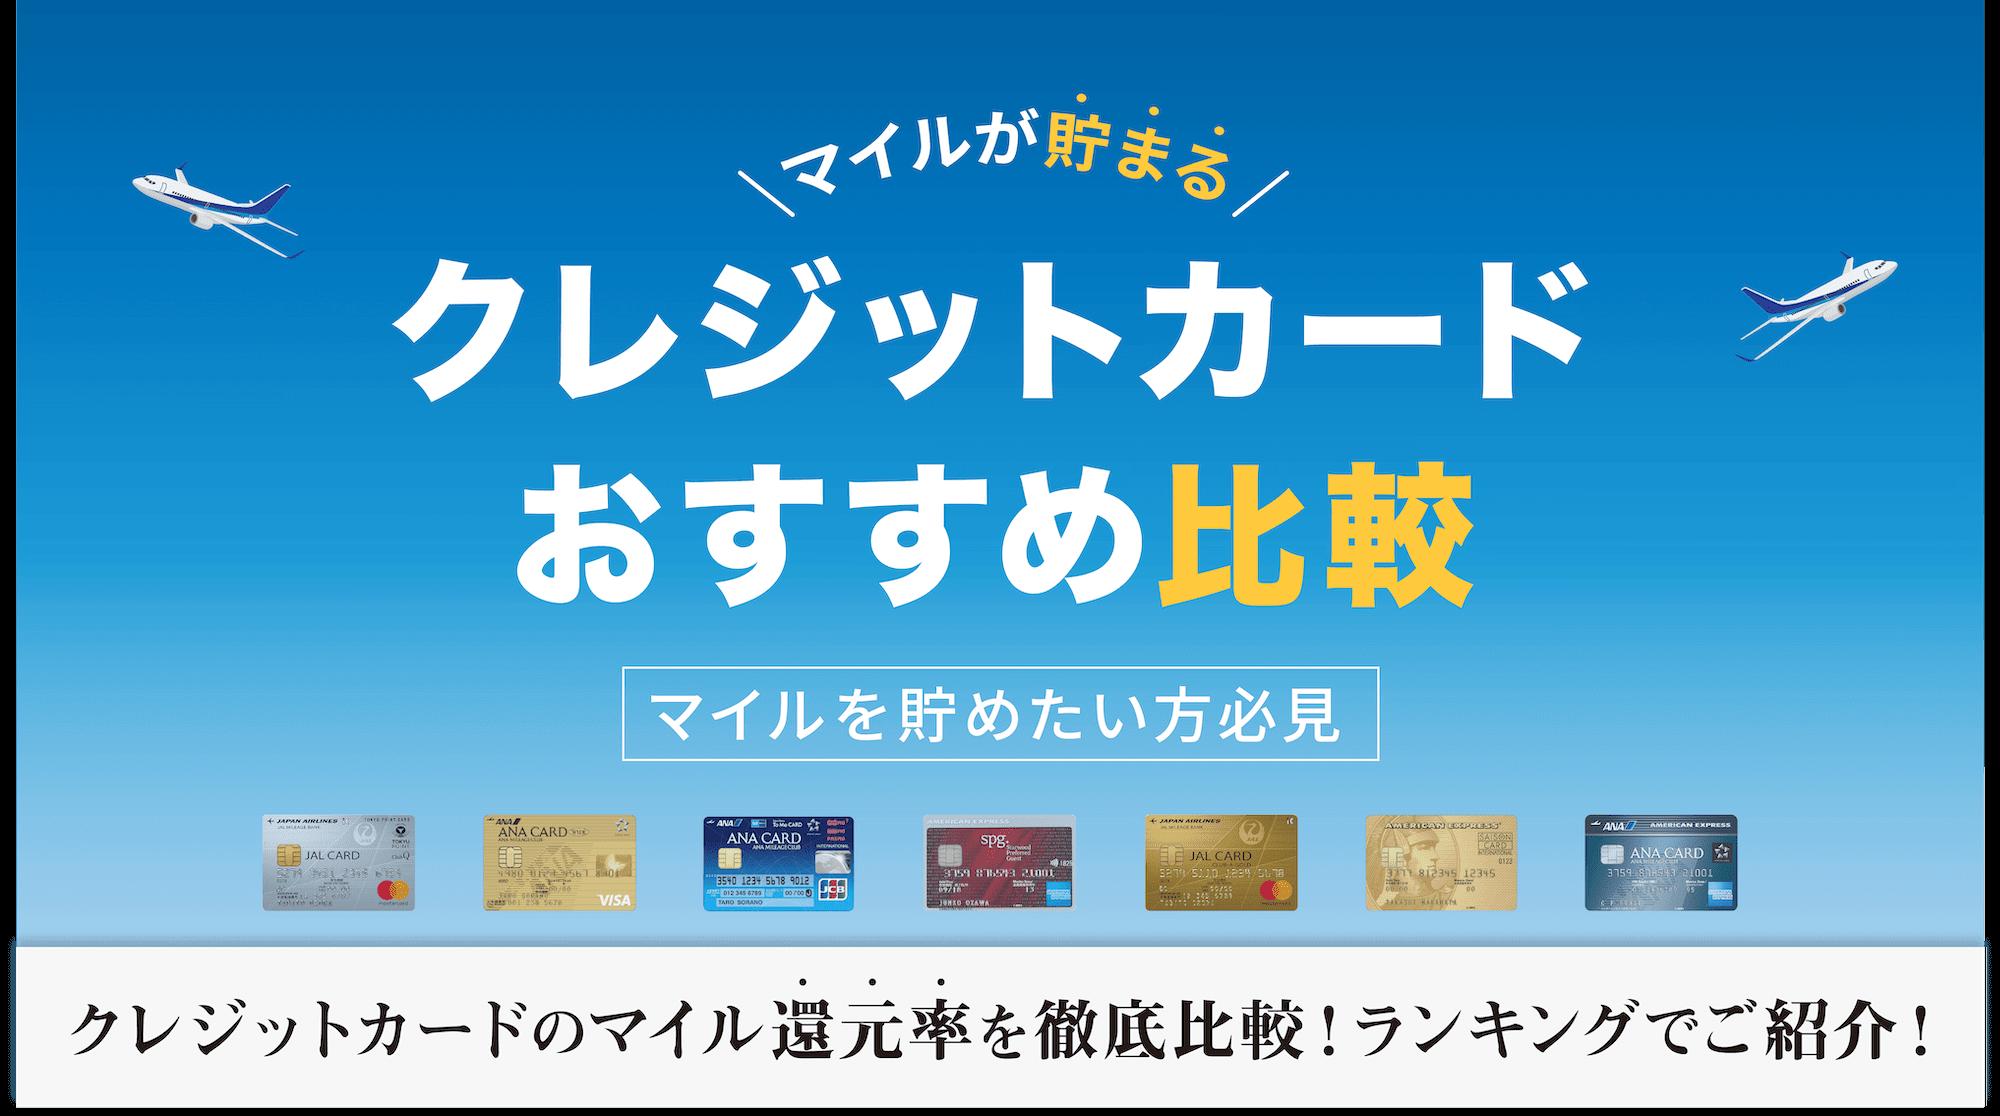 マイルが貯まる クレジットカード